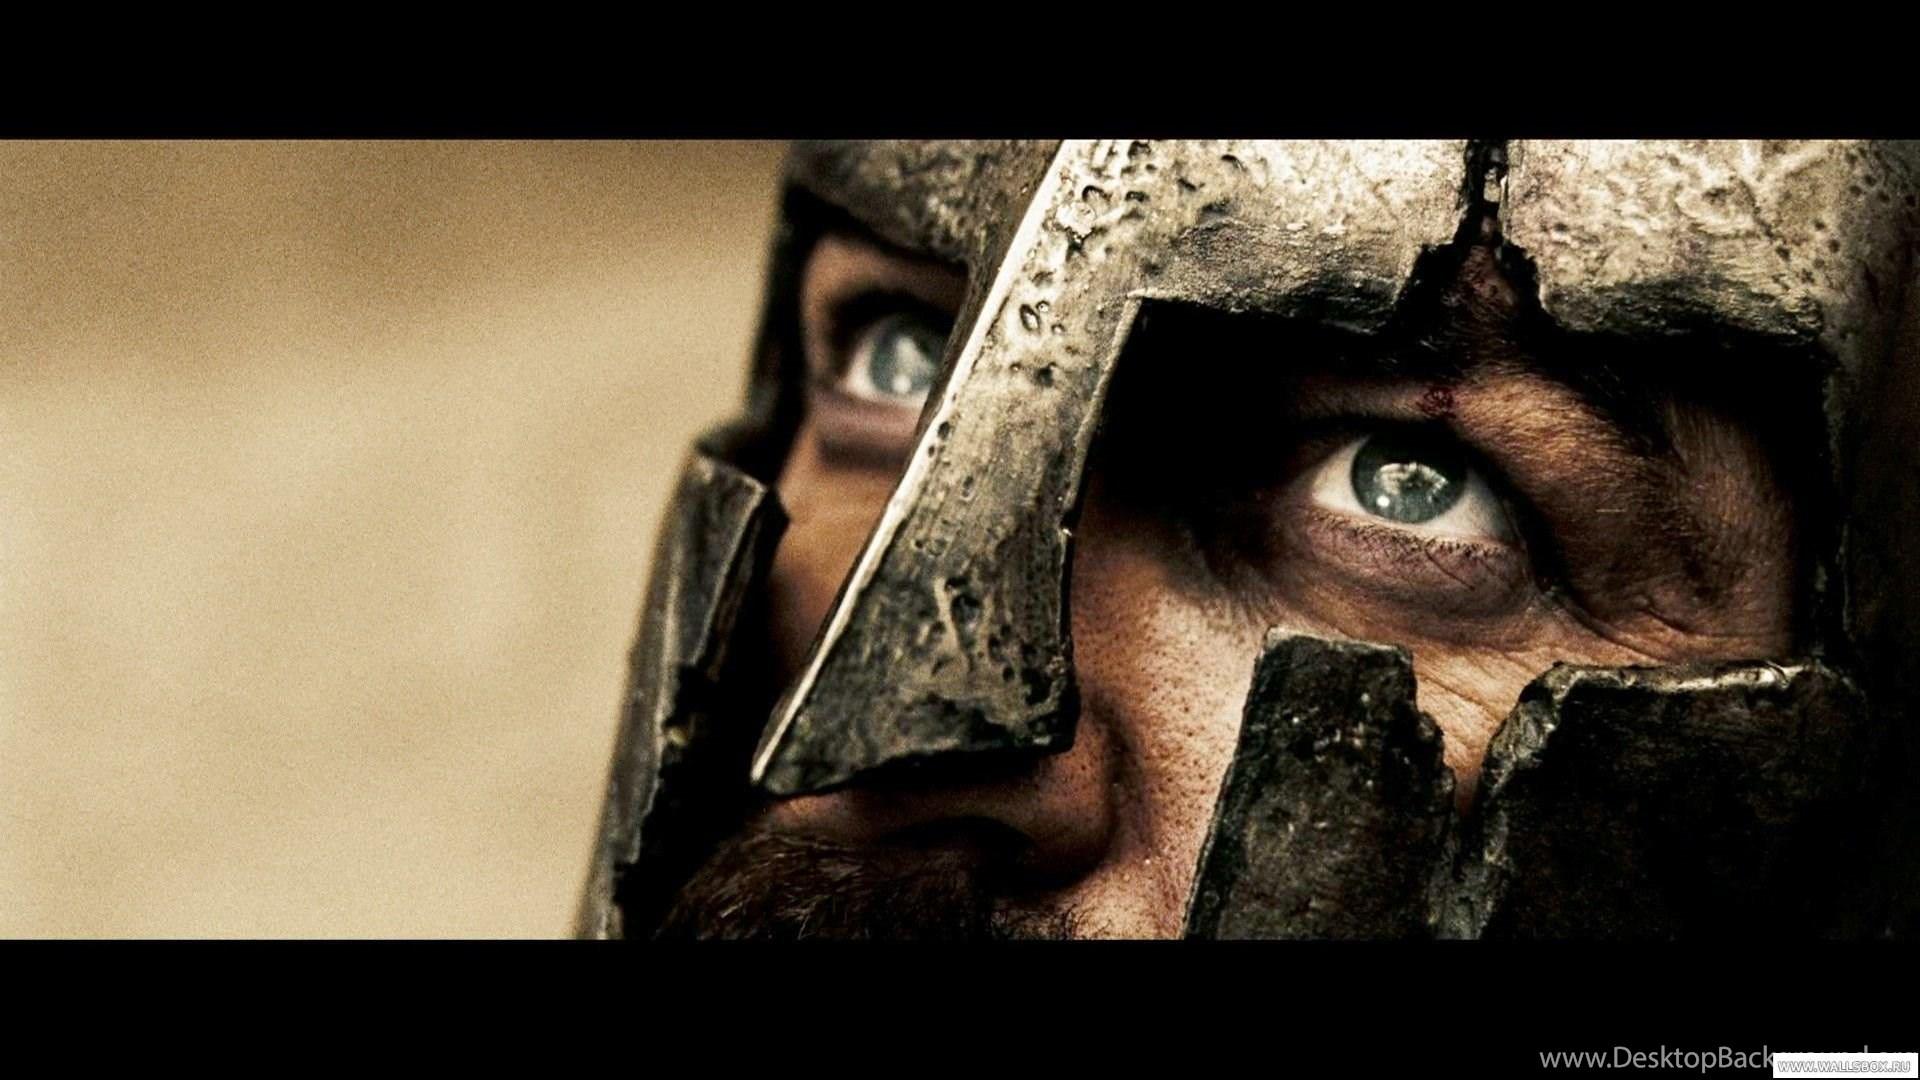 300 Leonidas Wallpapers Stock Pictures Desktop Background